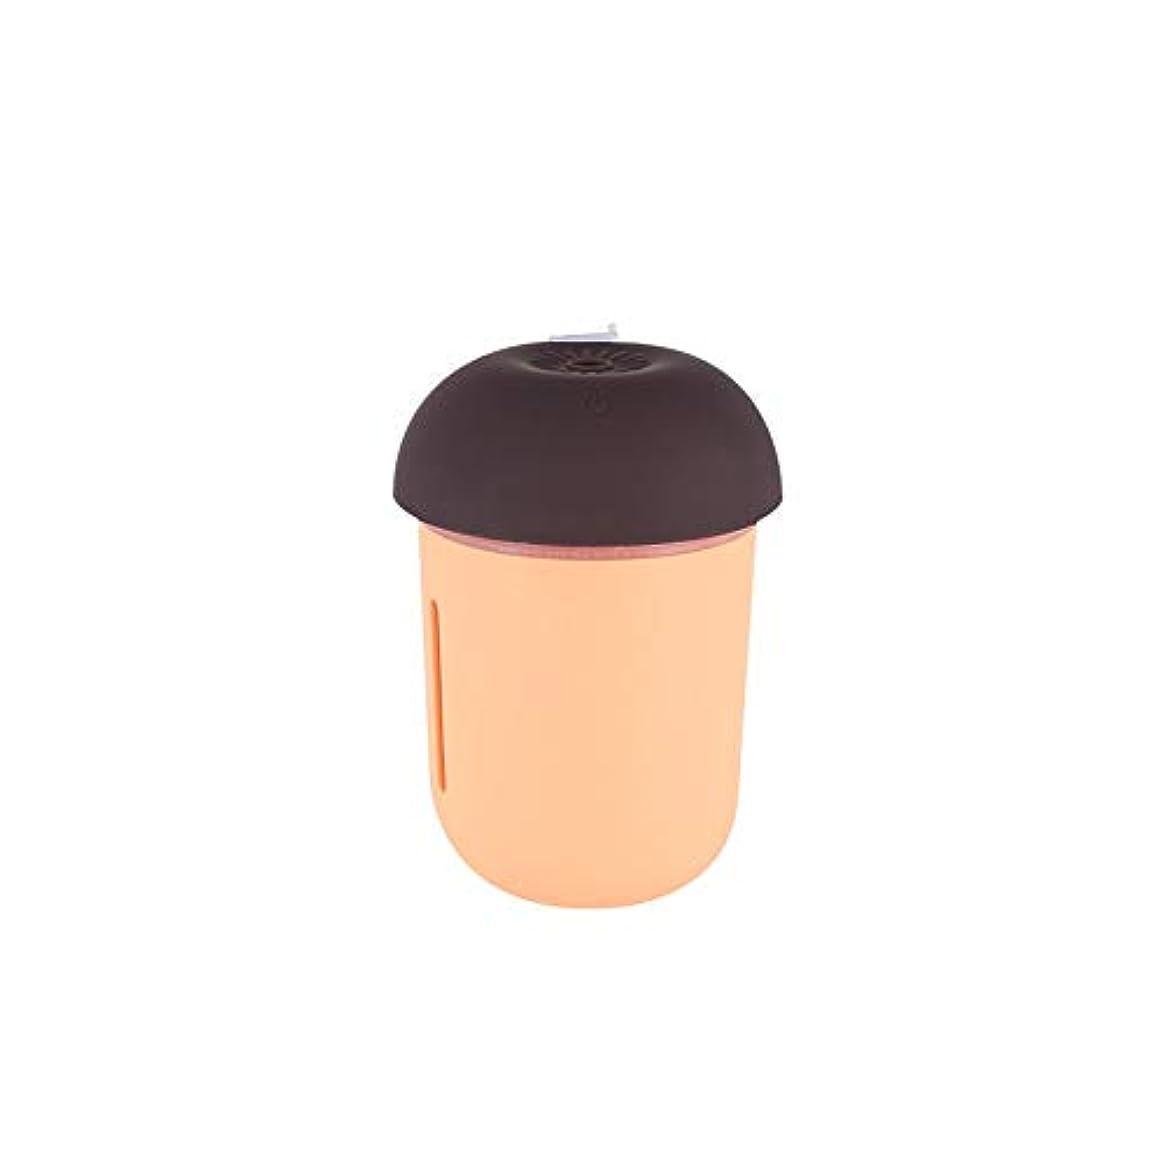 方向設置楽しませるZXF 新しいクリエイティブusb充電車の空気清浄機多機能水道メーターファンナイトライトスリーインワンきのこ加湿器オレンジピンク 滑らかである (色 : Orange)